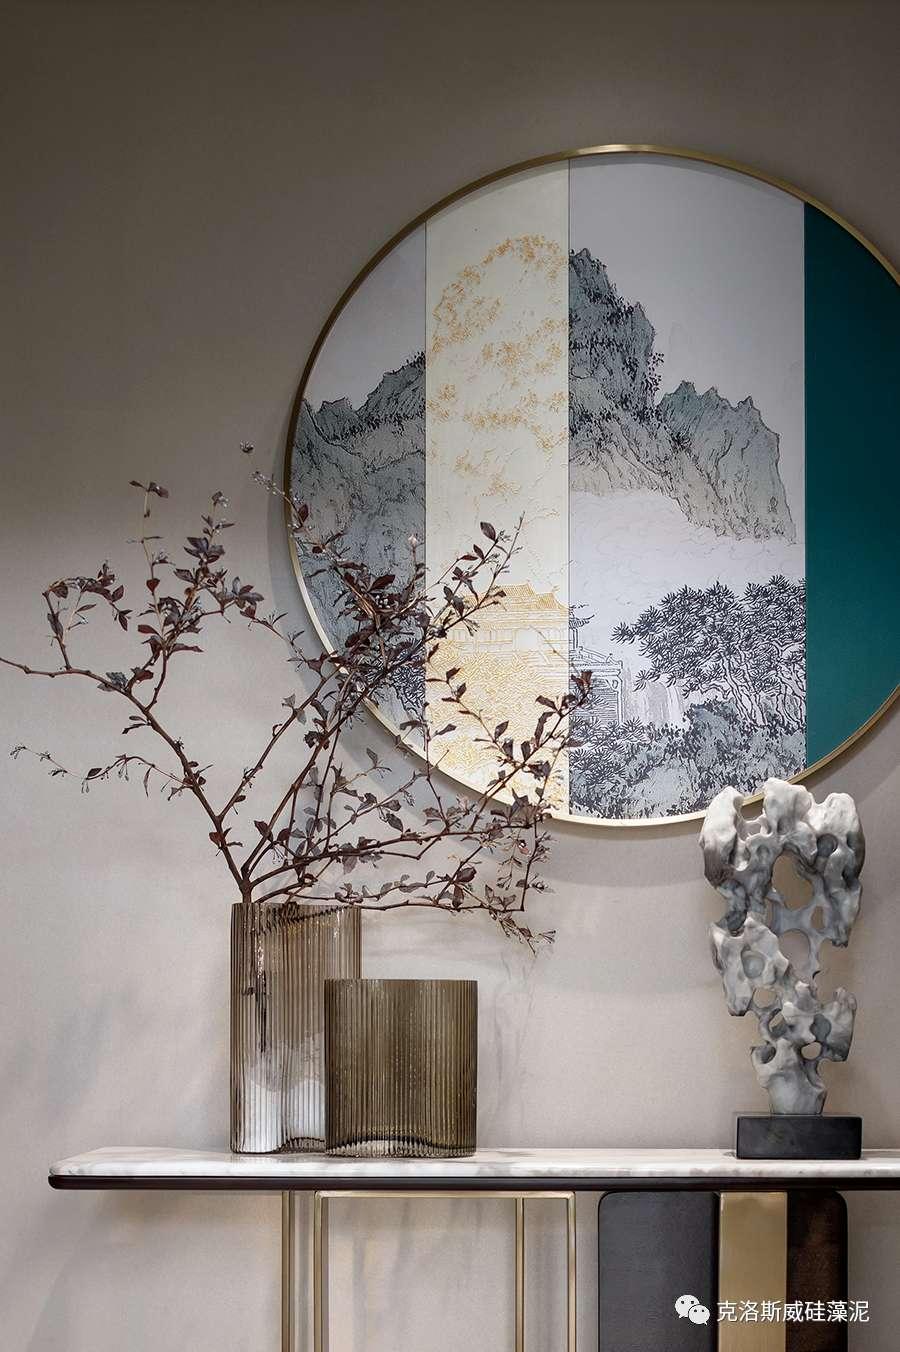 克洛斯威硅藻泥硅藻泥效果图 中式雅奢风格装修图片_1